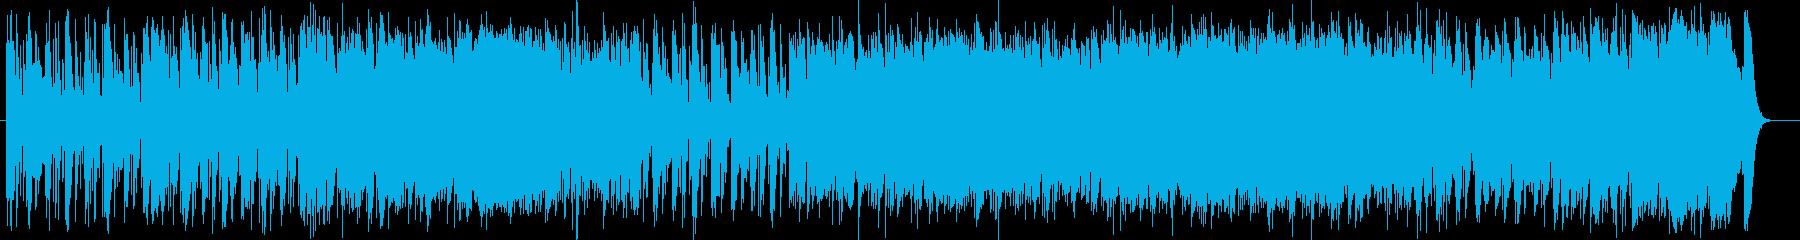 幻想的でスピード感があるミュージックの再生済みの波形